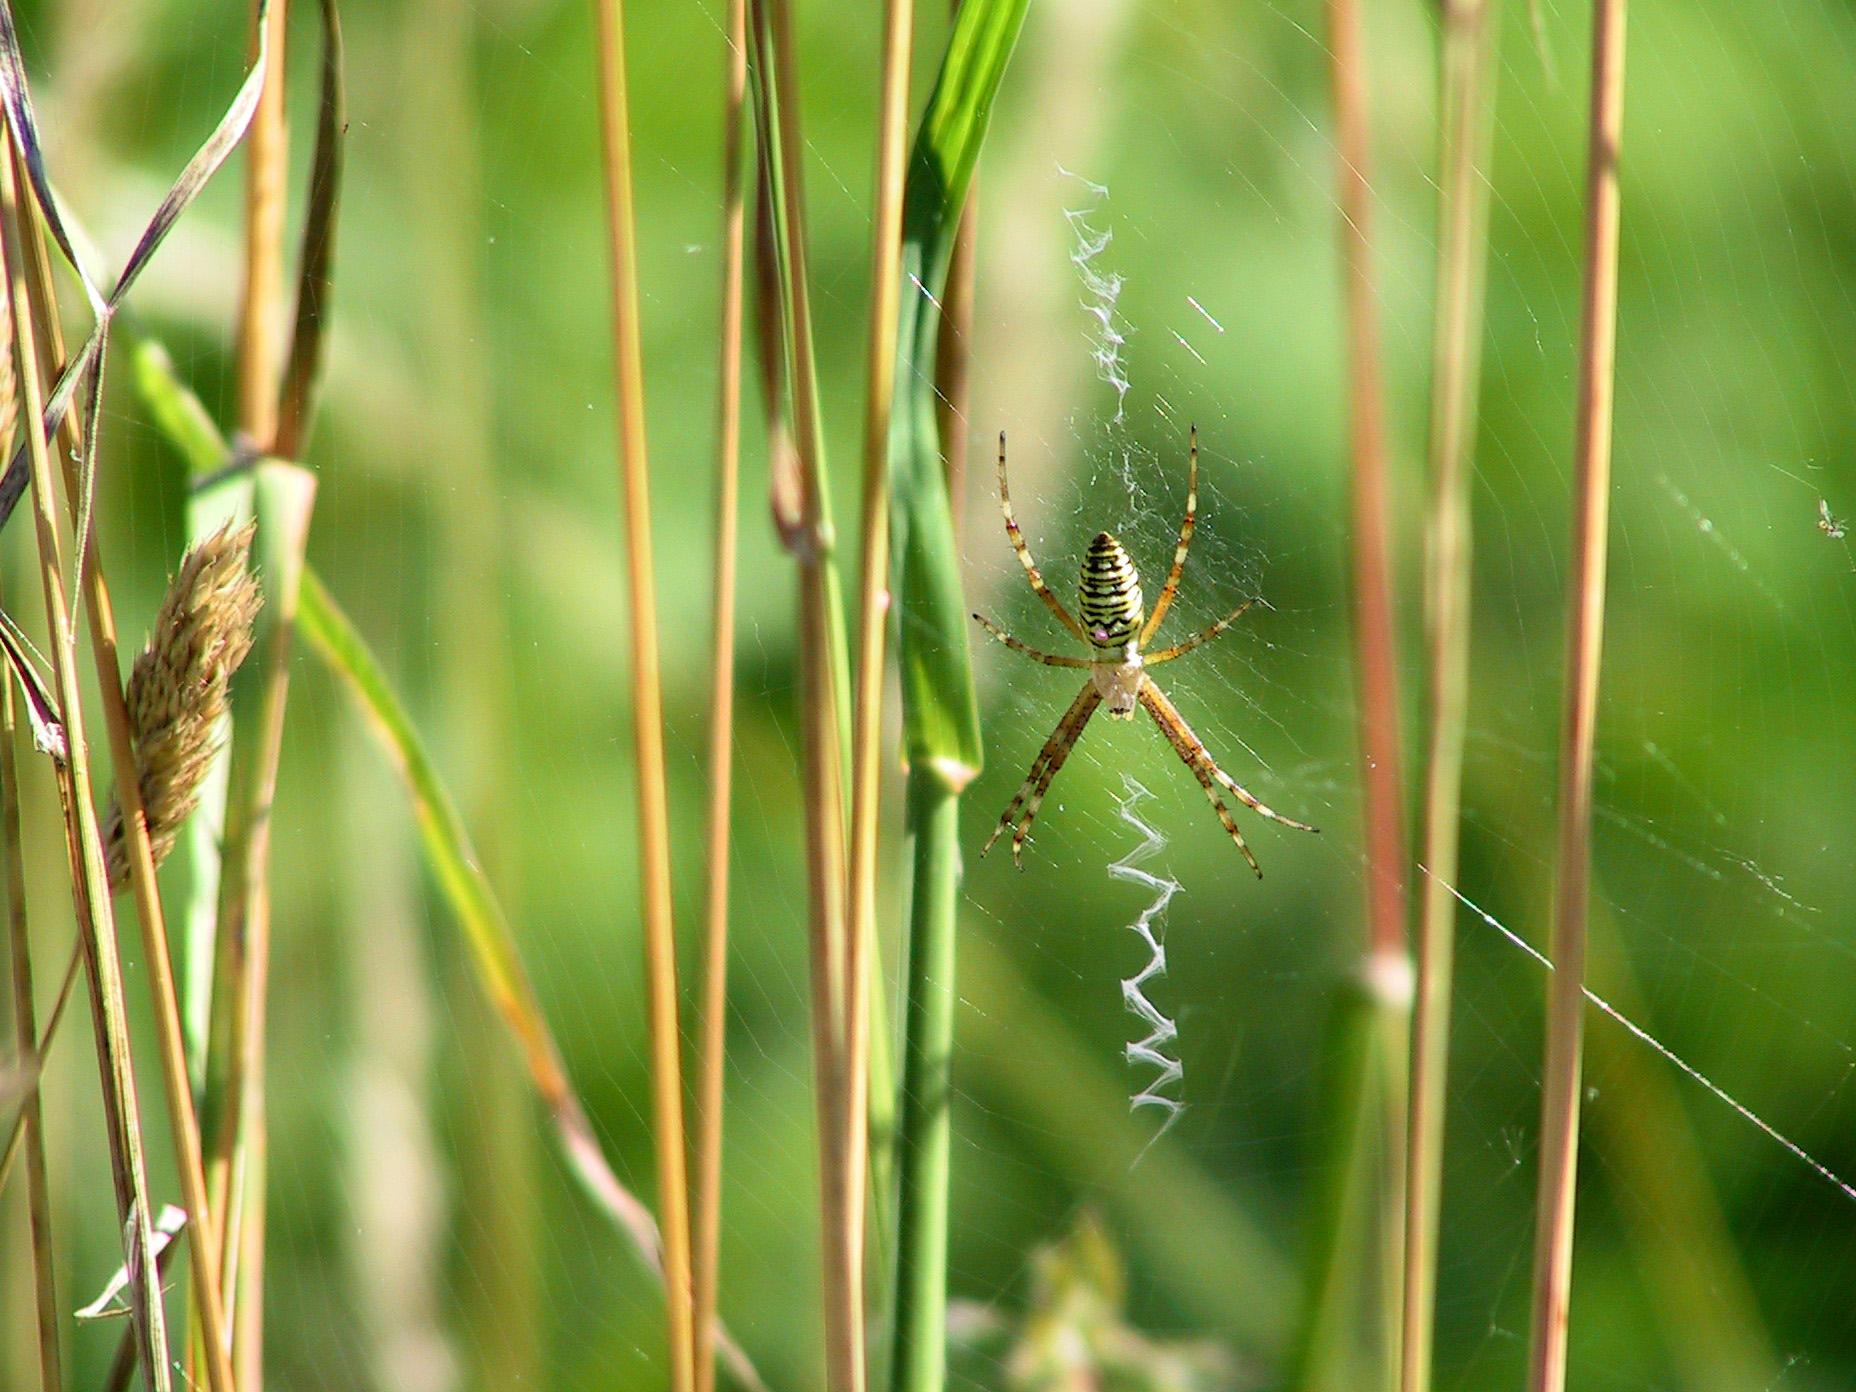 Männliche Wespenspinnen legen ihren Partnerinnen nach der Kopulation einen Keuschheitsgürtel an (c) Frank Luerweg